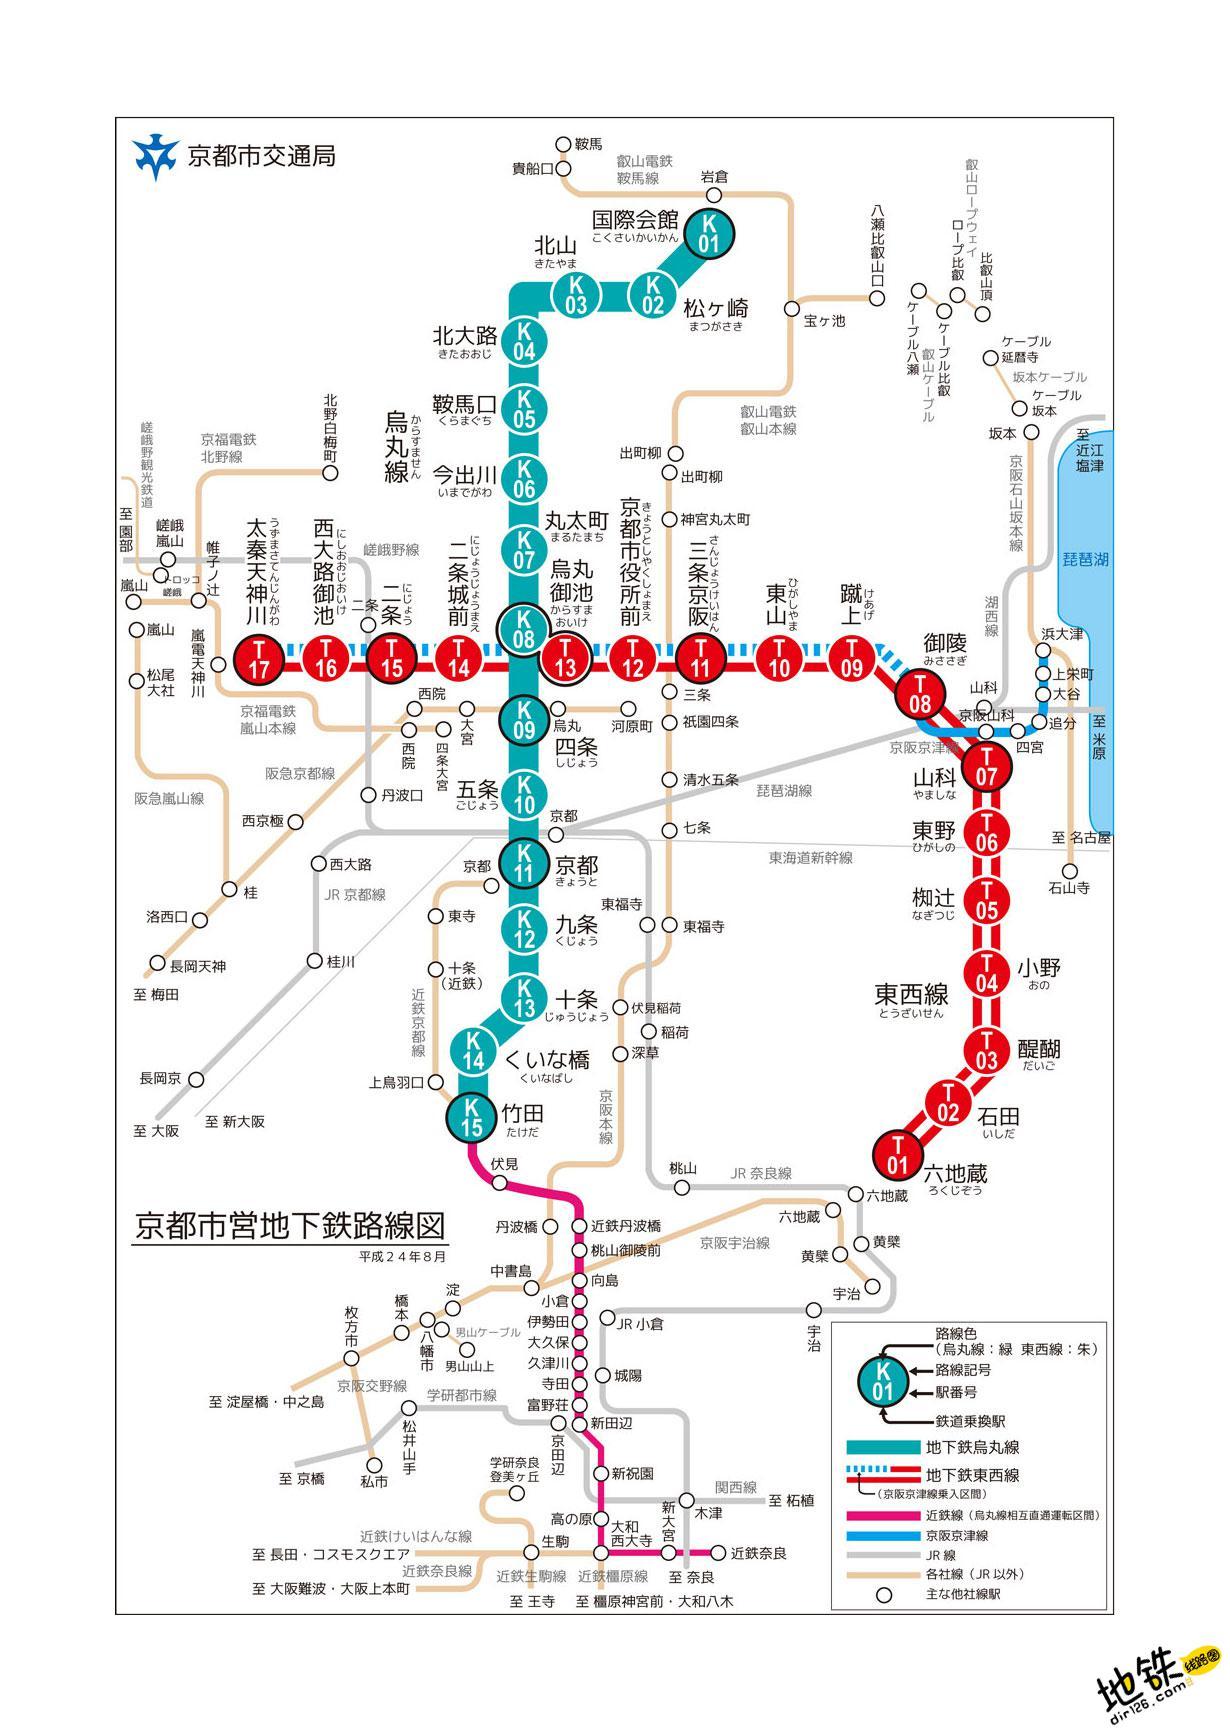 日本京都市营地铁线路图_运营时间票价站点_查询下载 日本地铁线路图 第3张